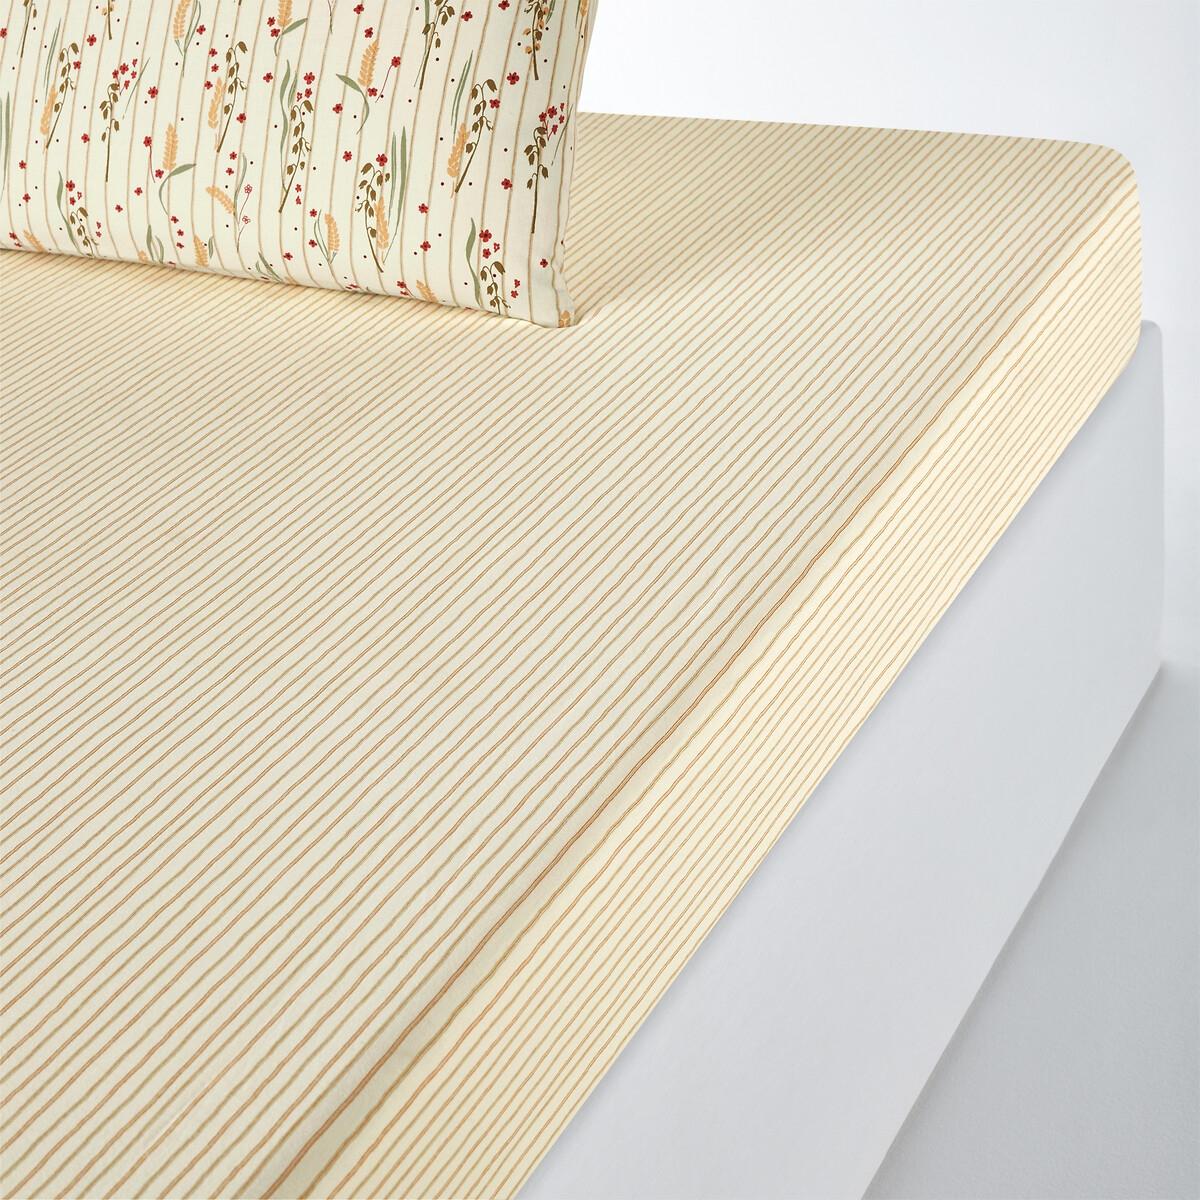 Простыня LaRedoute Натяжная из осветленного хлопка Billie 160 x 200 см зеленый недорого